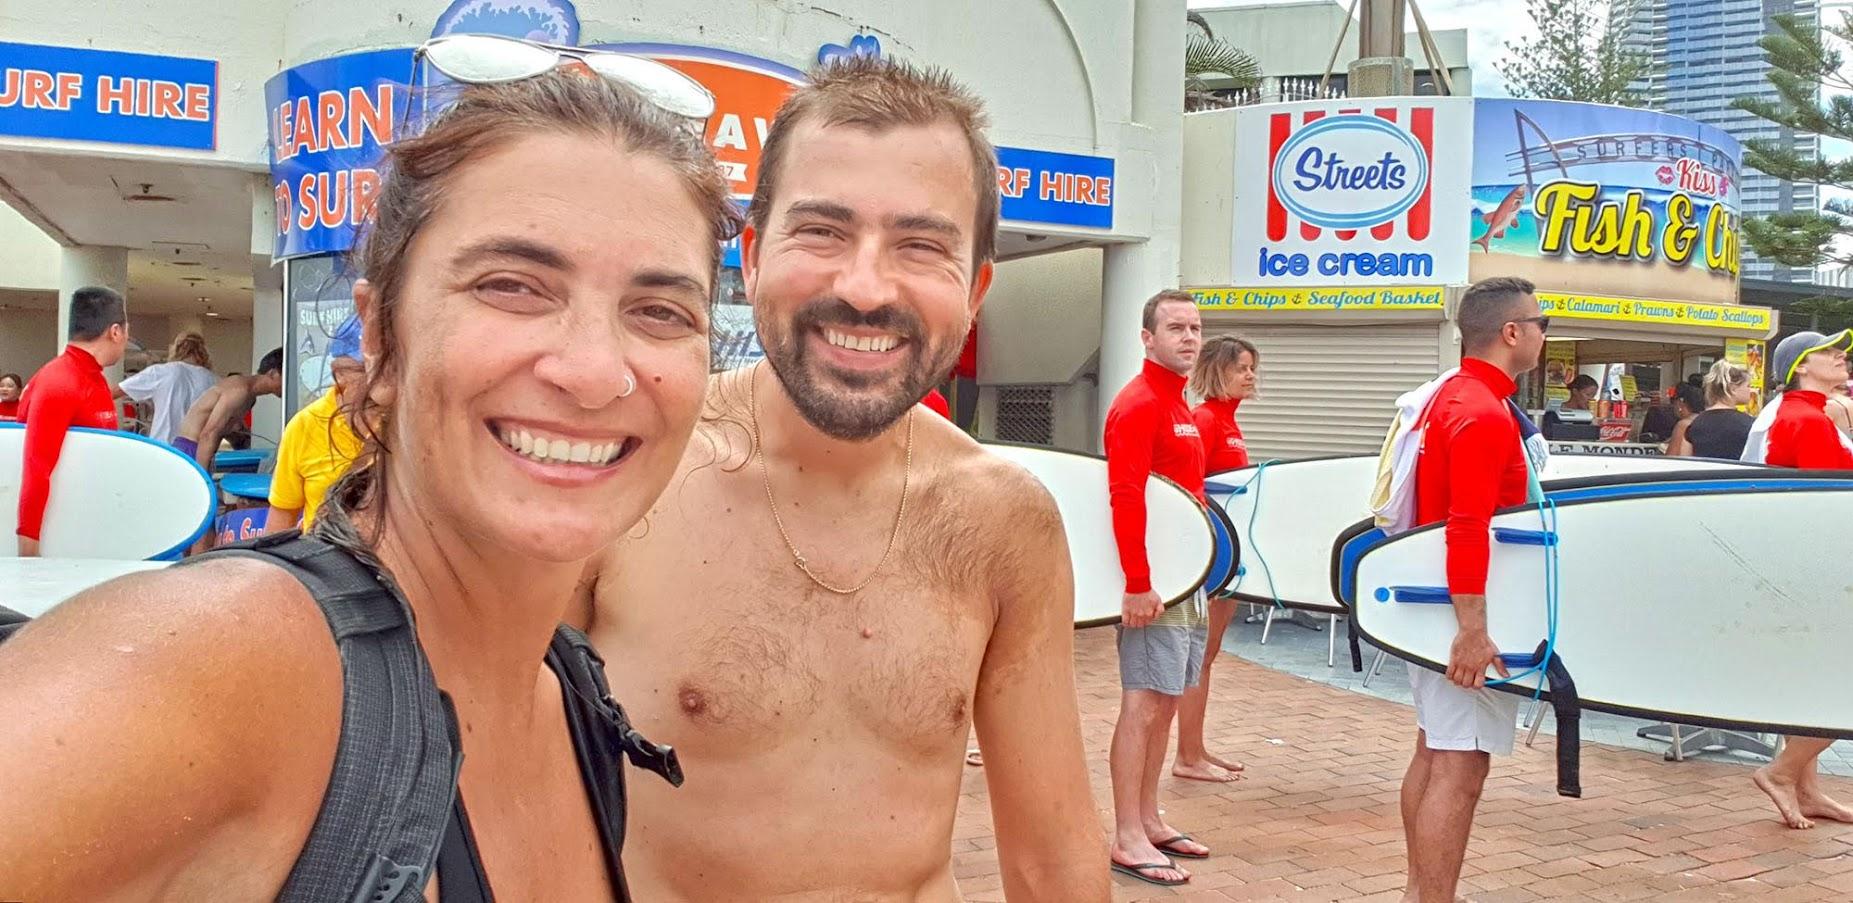 Visitar SURFERS PARADISE e surfar na GOLD COAST (Costa Dourada)| Austrália